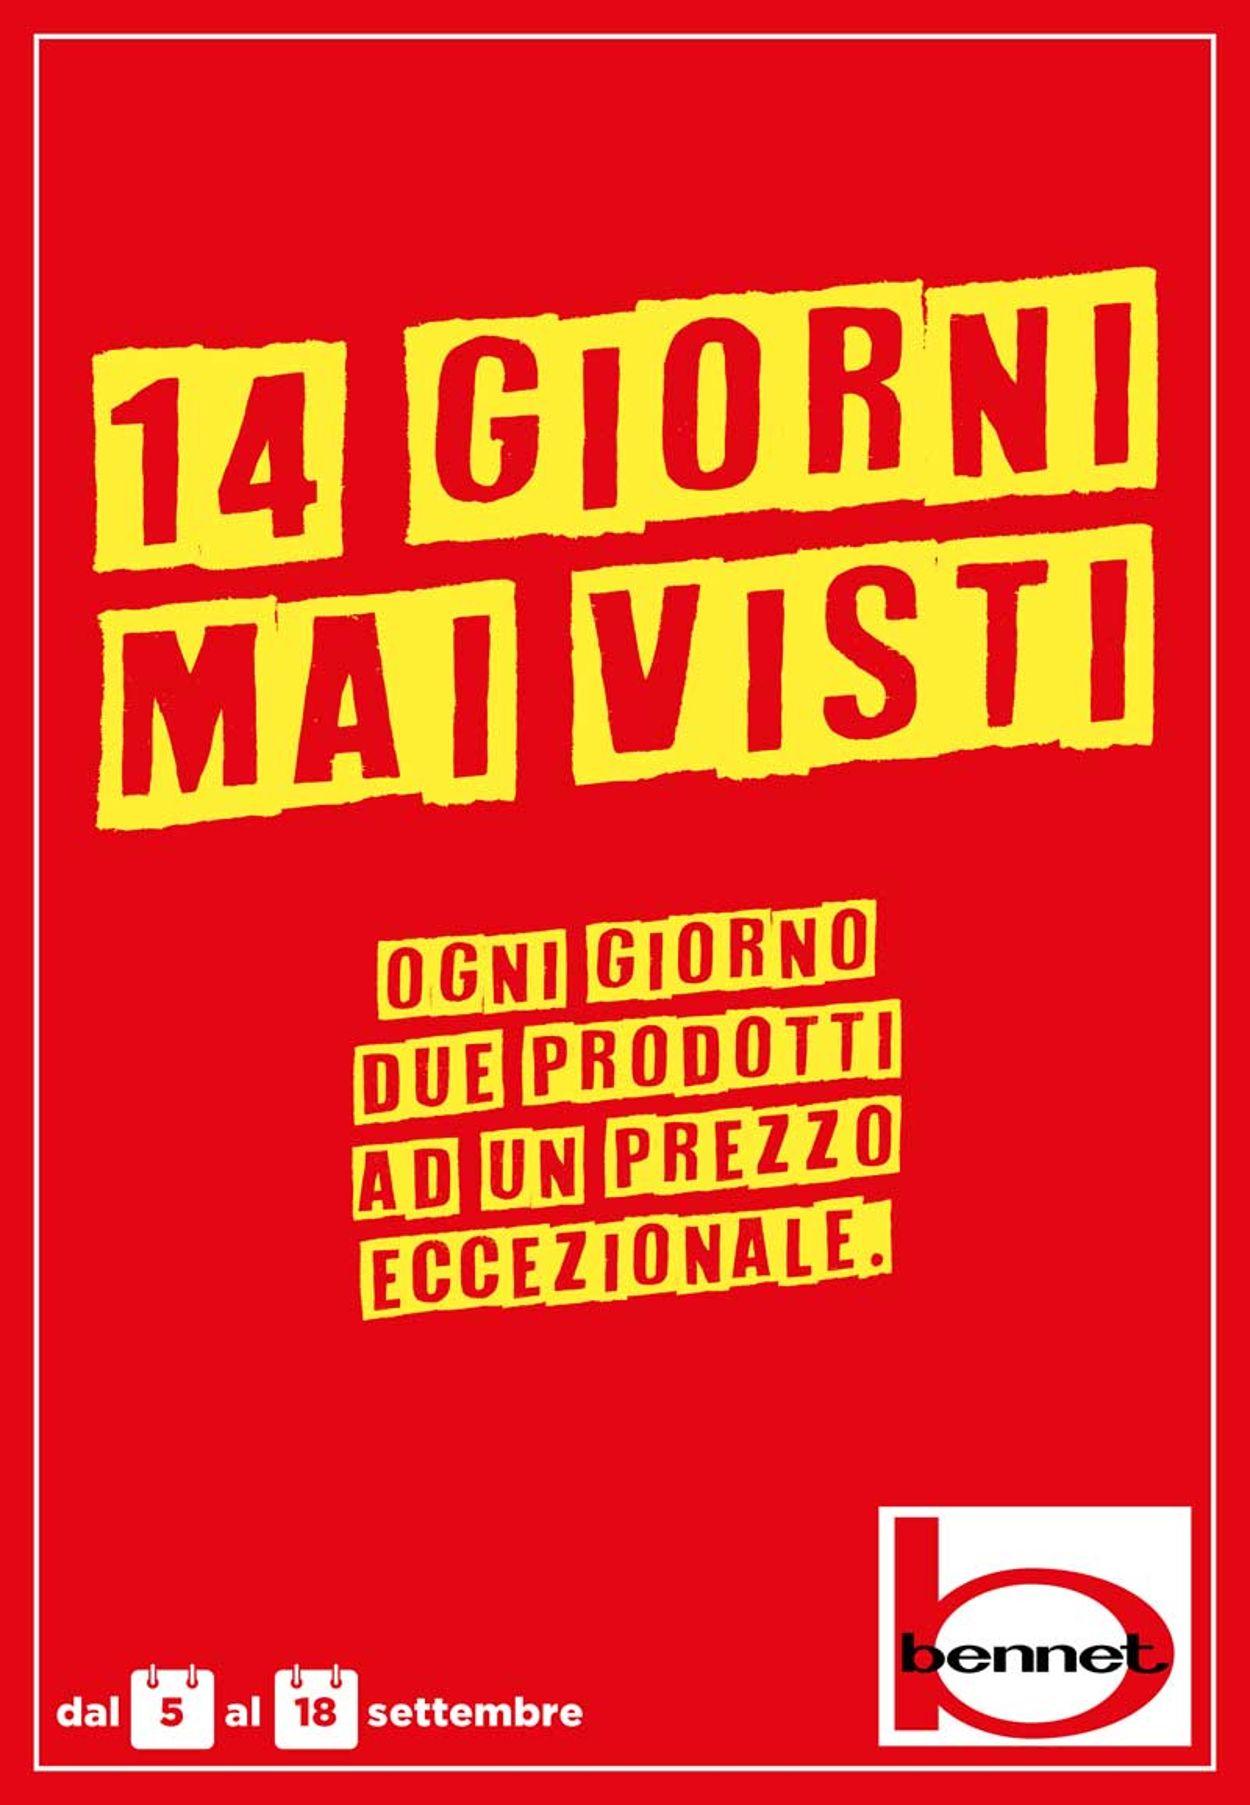 Volantino bennet - Offerte 05/09-18/09/2019